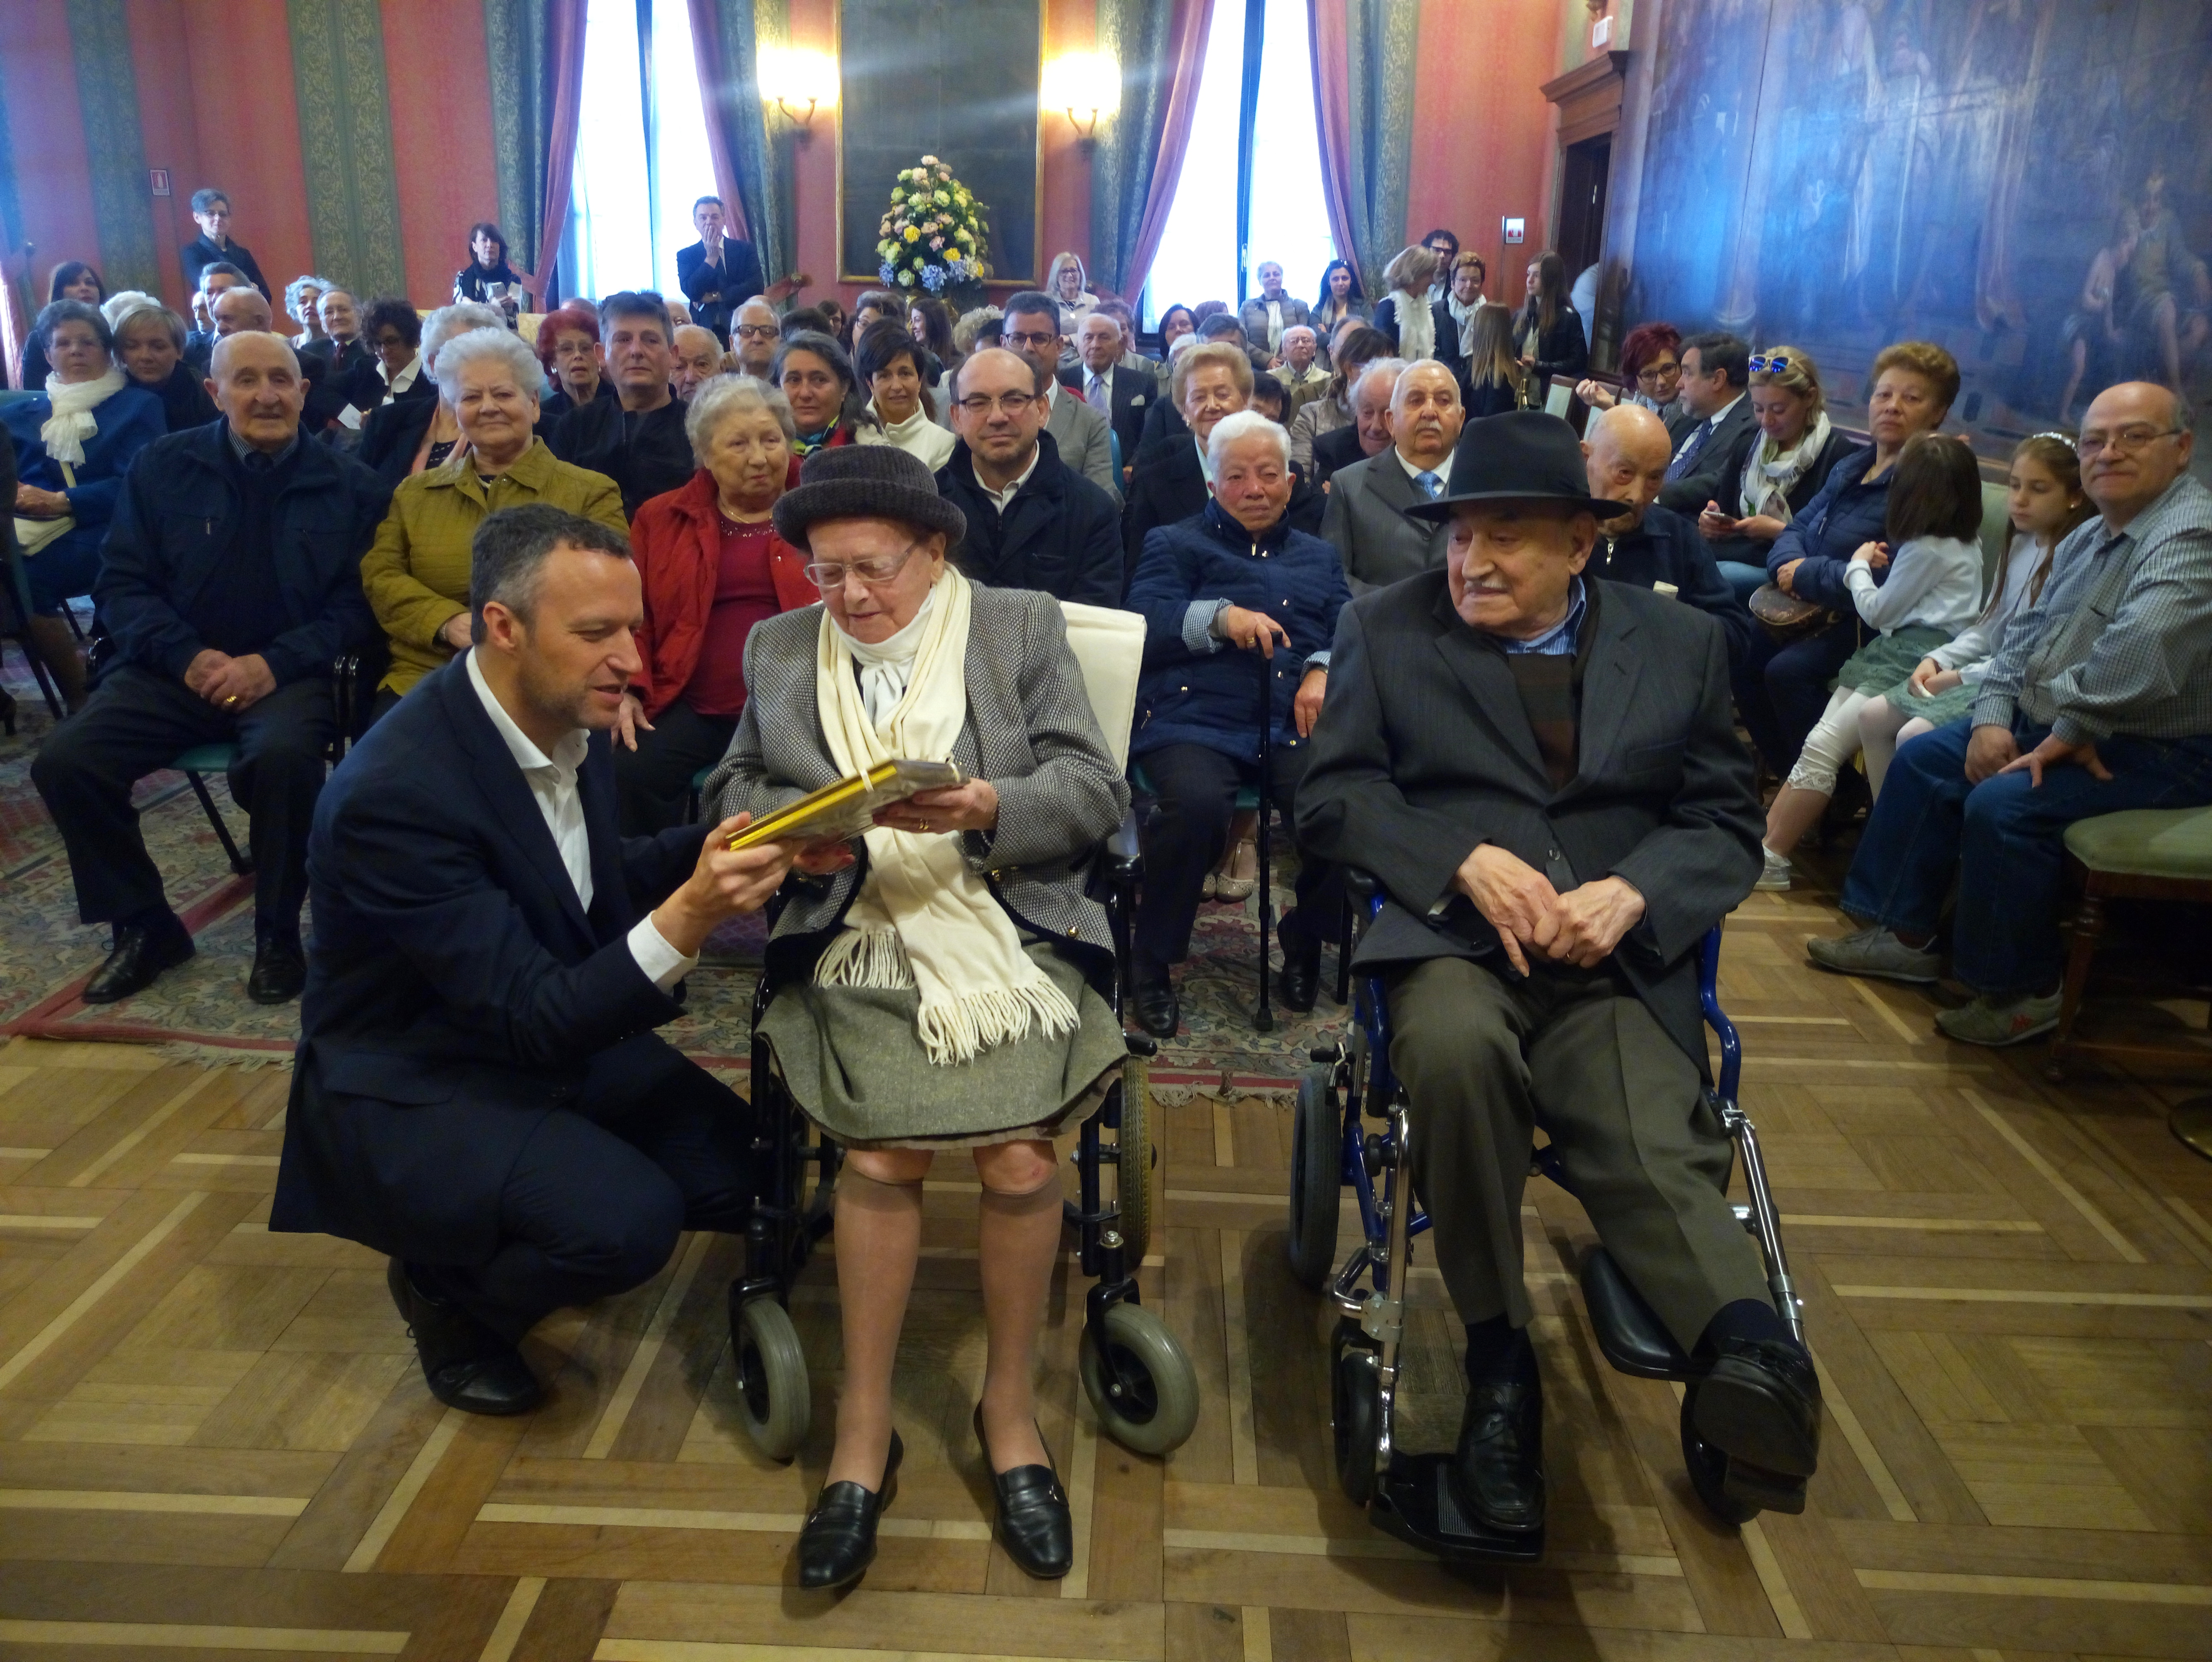 Anniversario Matrimonio 75 Anni.Anniversari Di Matrimonio Festeggia Coppia Per 75 Anno Di Nozze